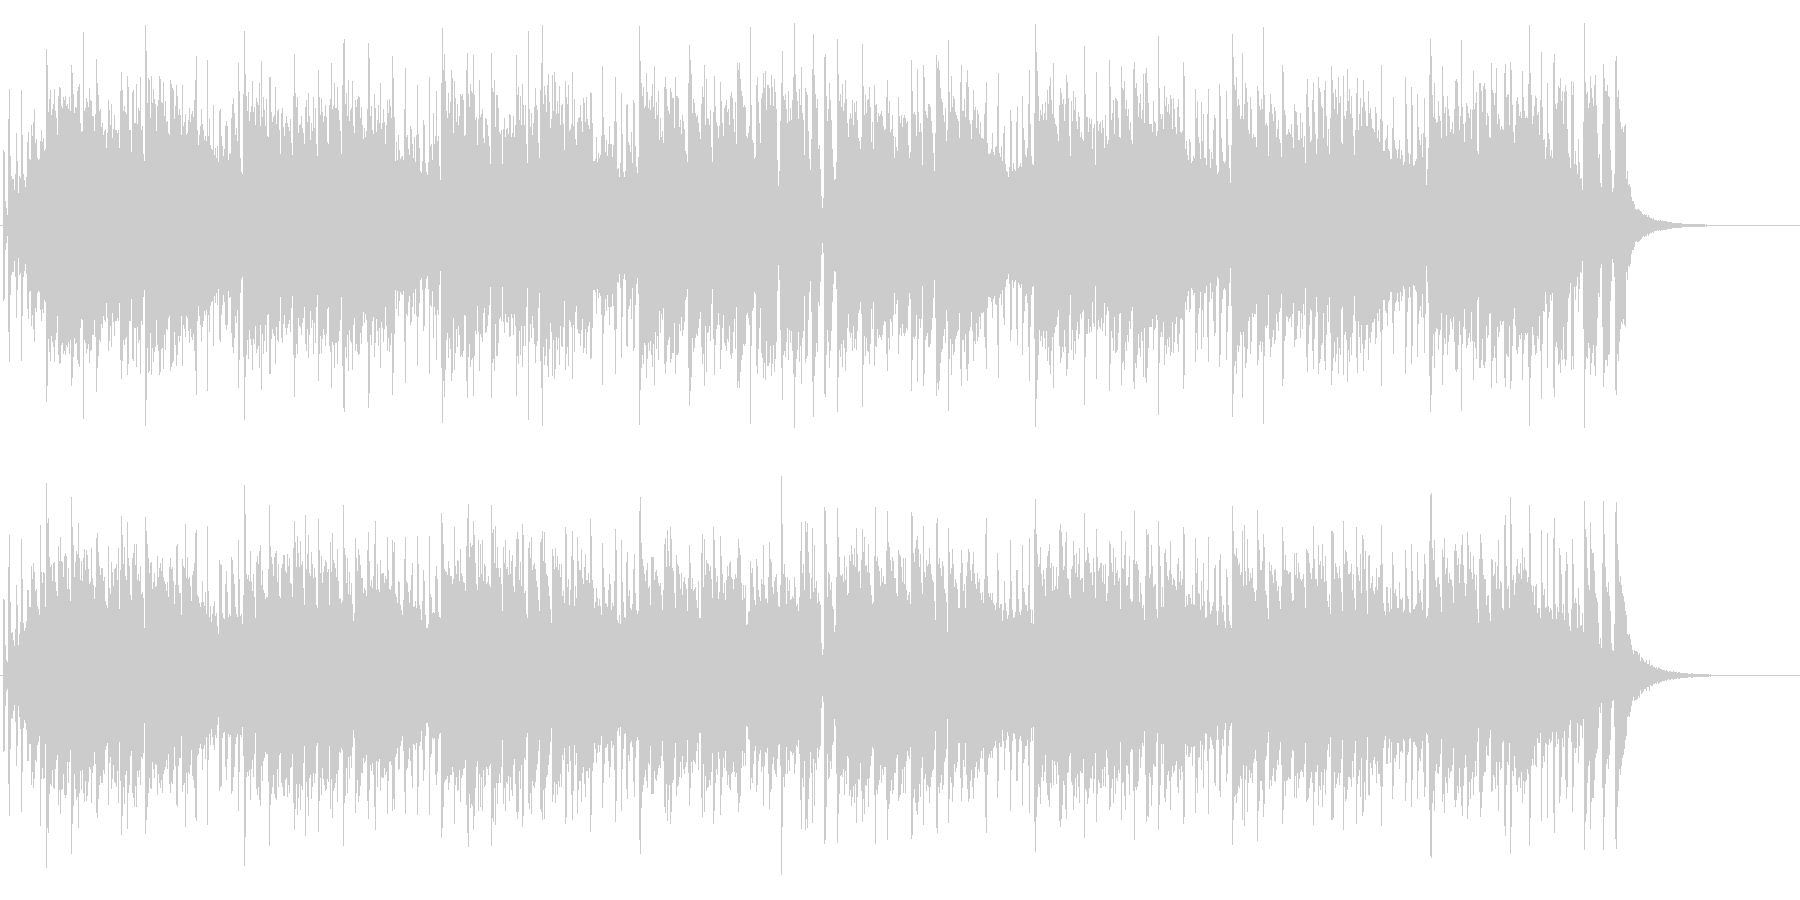 おバカなノリのコミカルパンクの未再生の波形